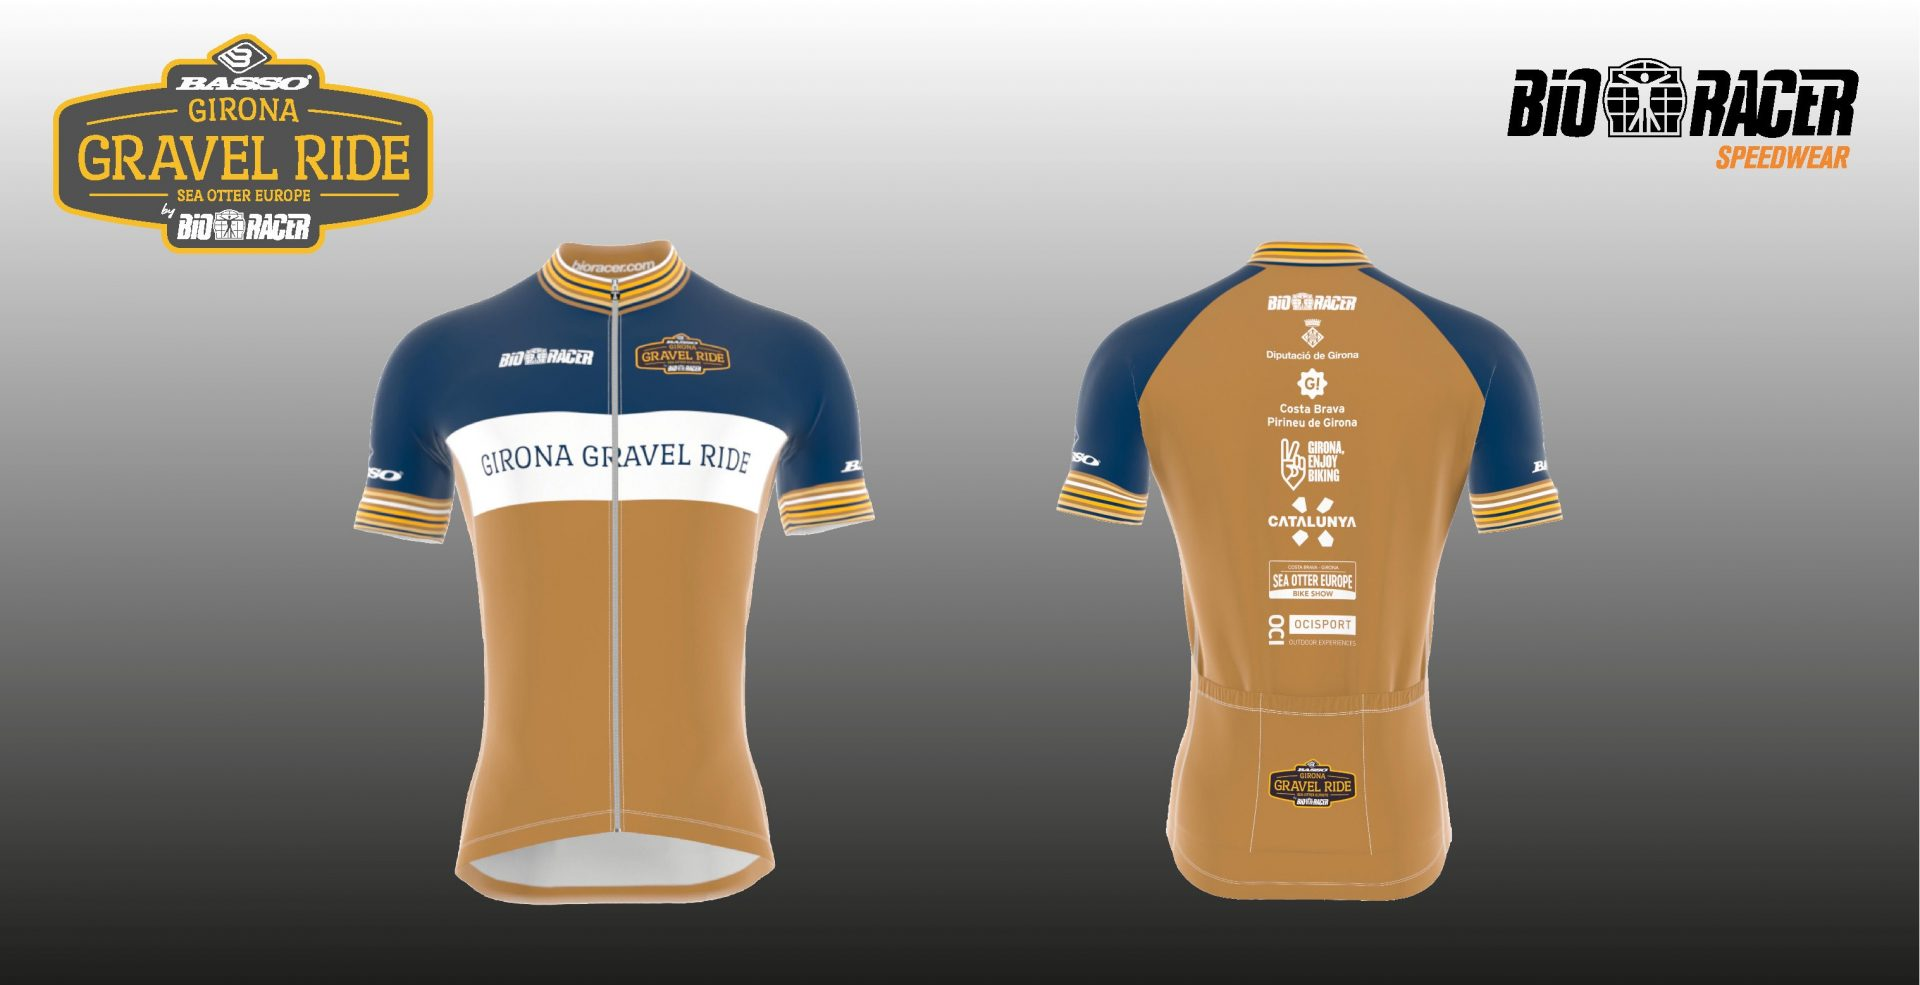 Presentamos el maillot oficial de la Basso Bikes Girona Gravel Ride by Bioracer